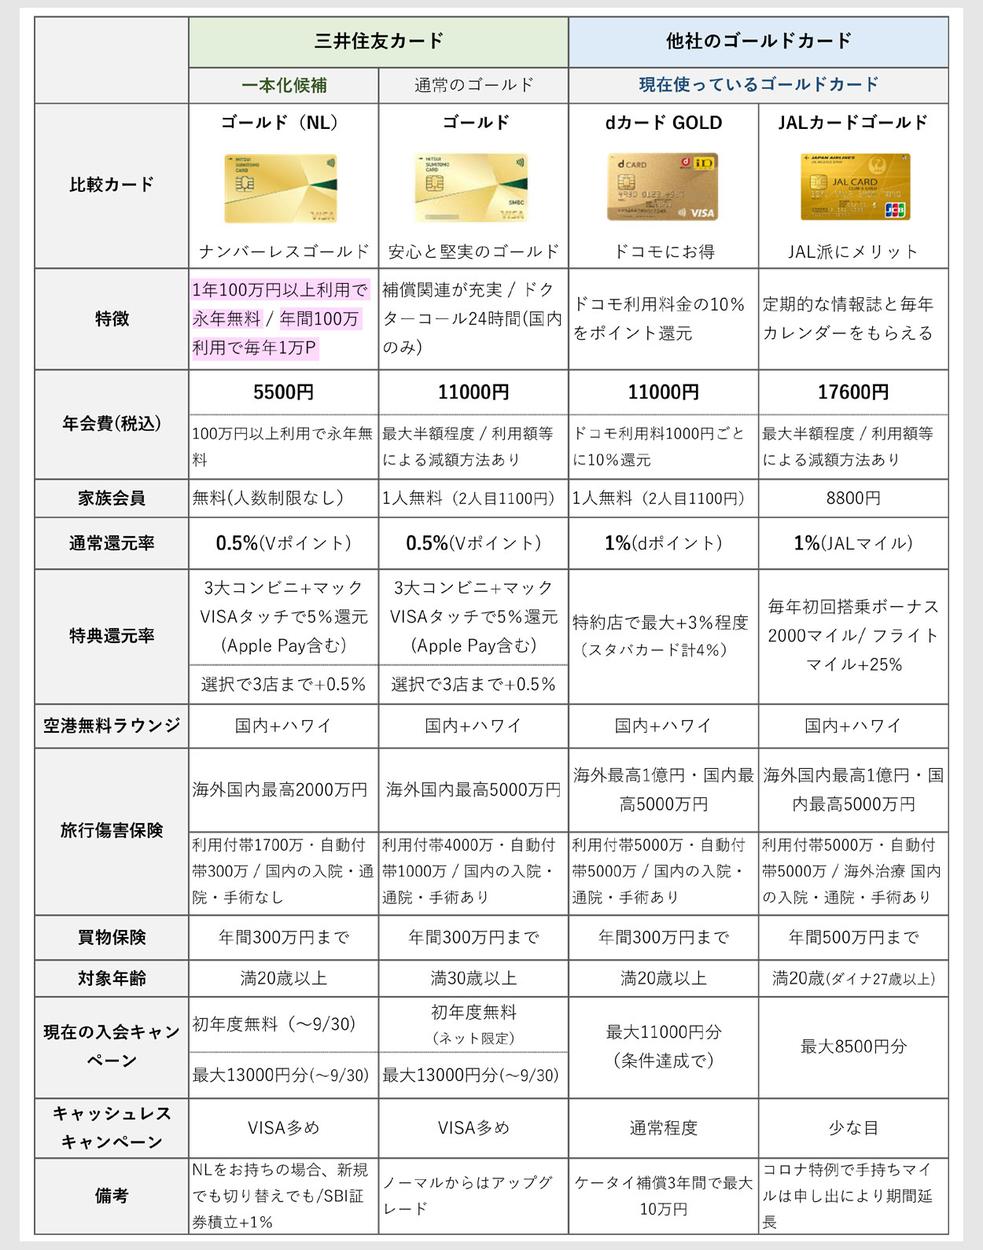 三井住友カードゴールドNLとdカードGOLD、JALカードゴールドとの比較